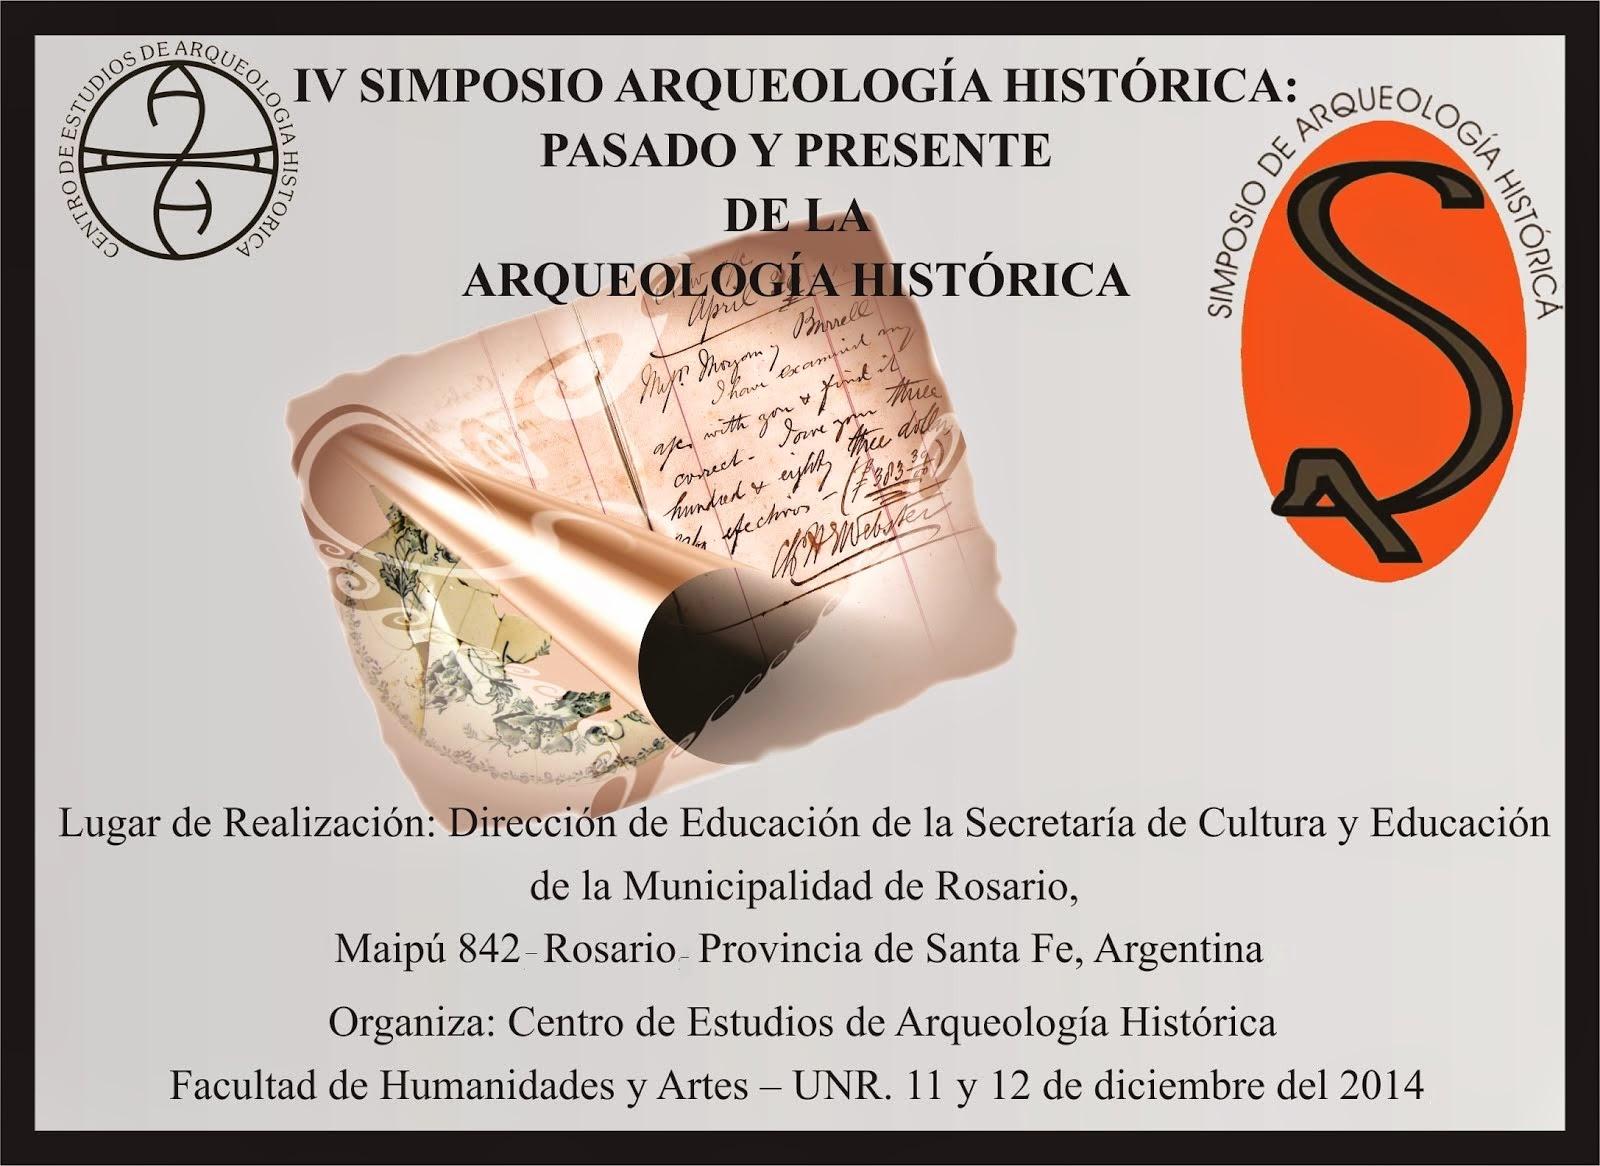 IV SIMPOSIO DE ARQUEOLOGIA HISTORICA